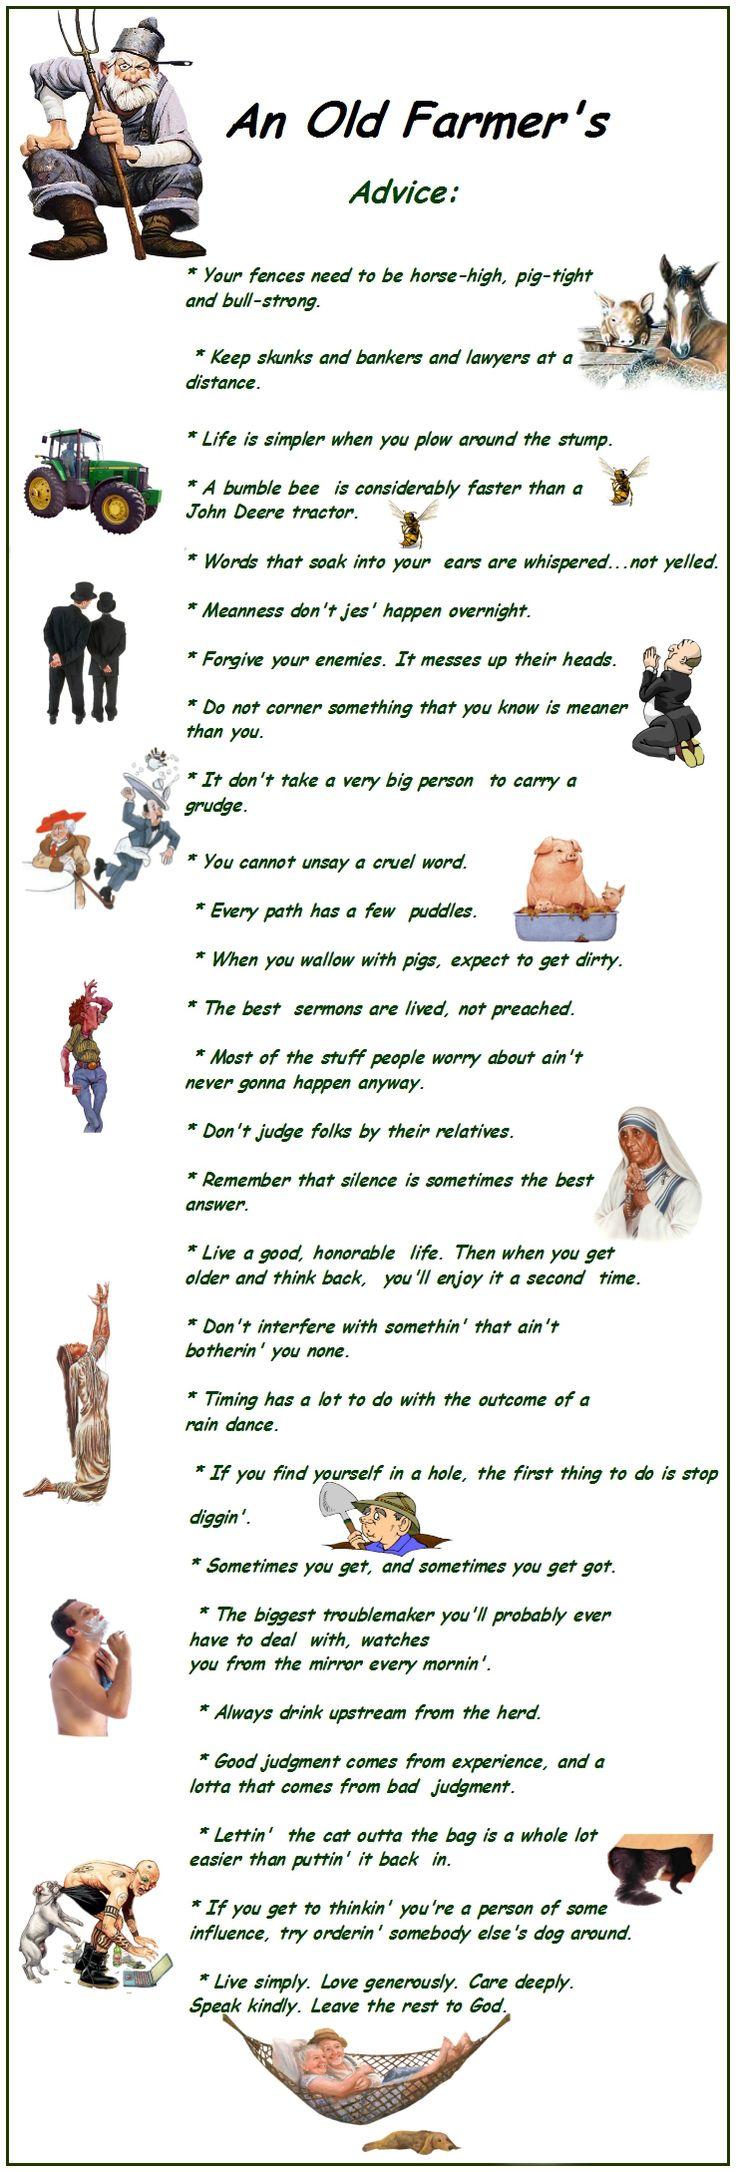 An old farmer's advice - Mastiz.net